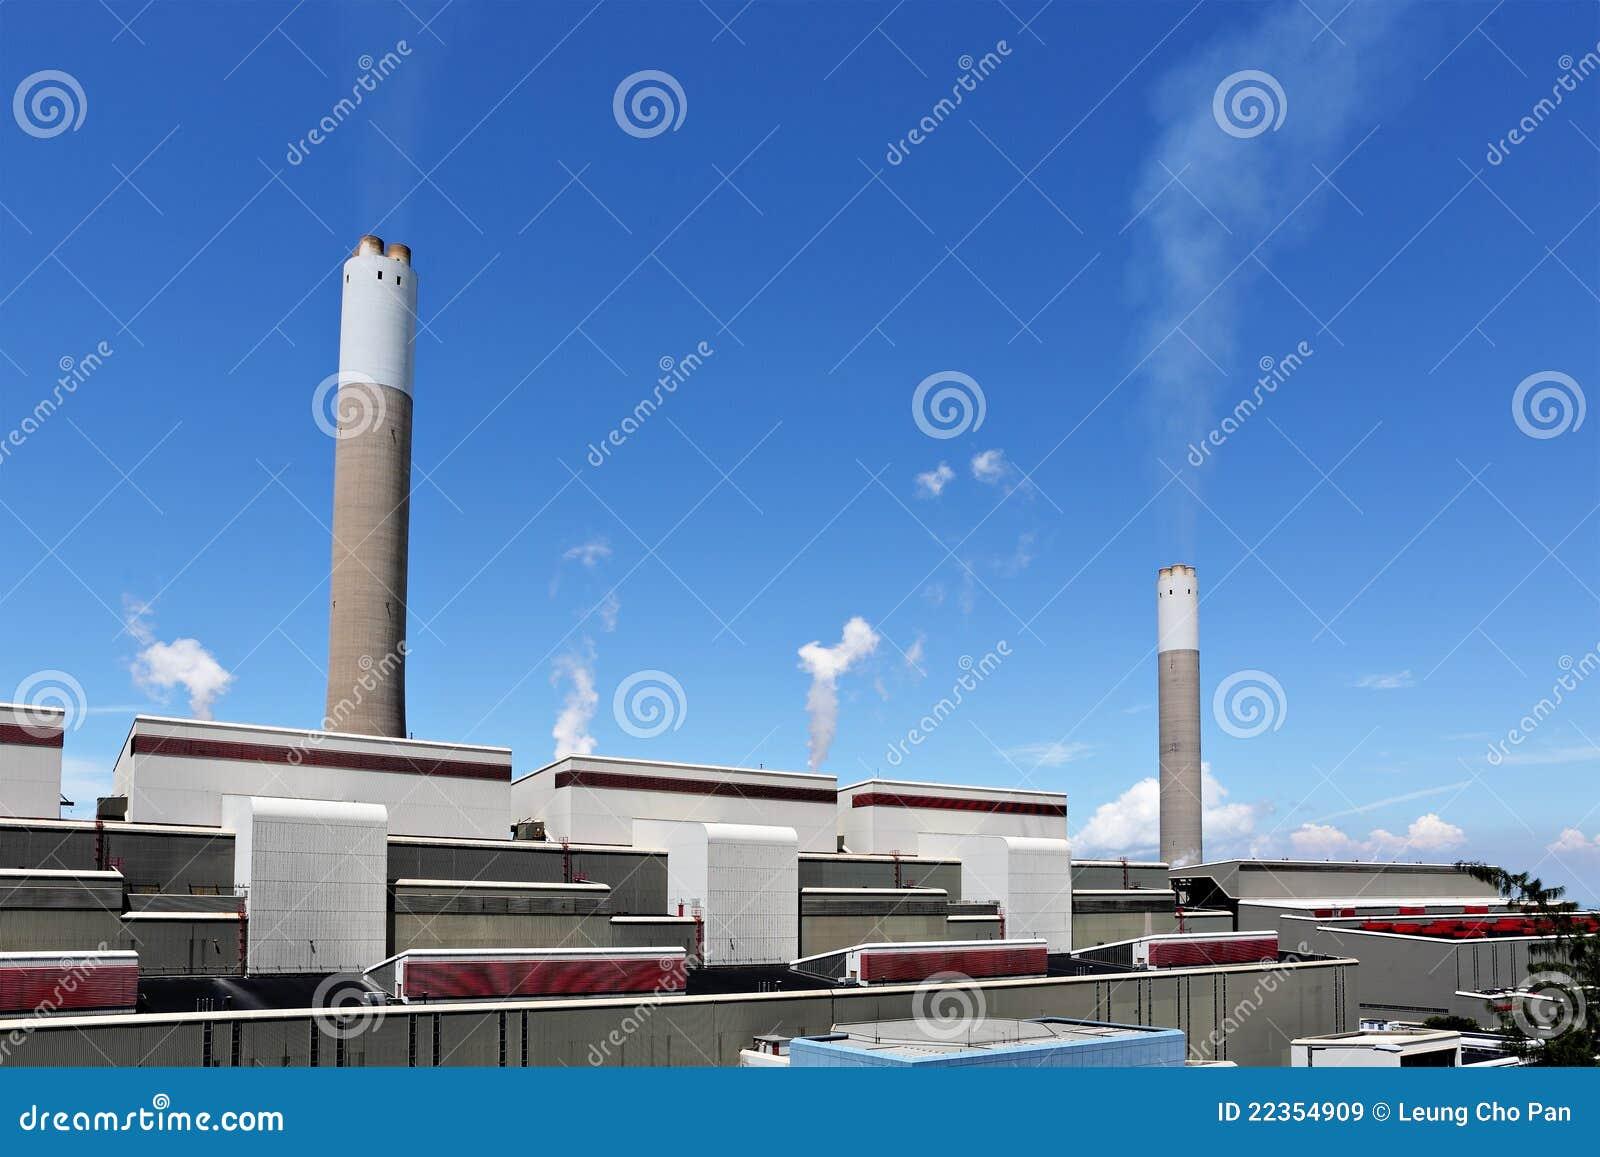 采煤被射击的次幂岗位